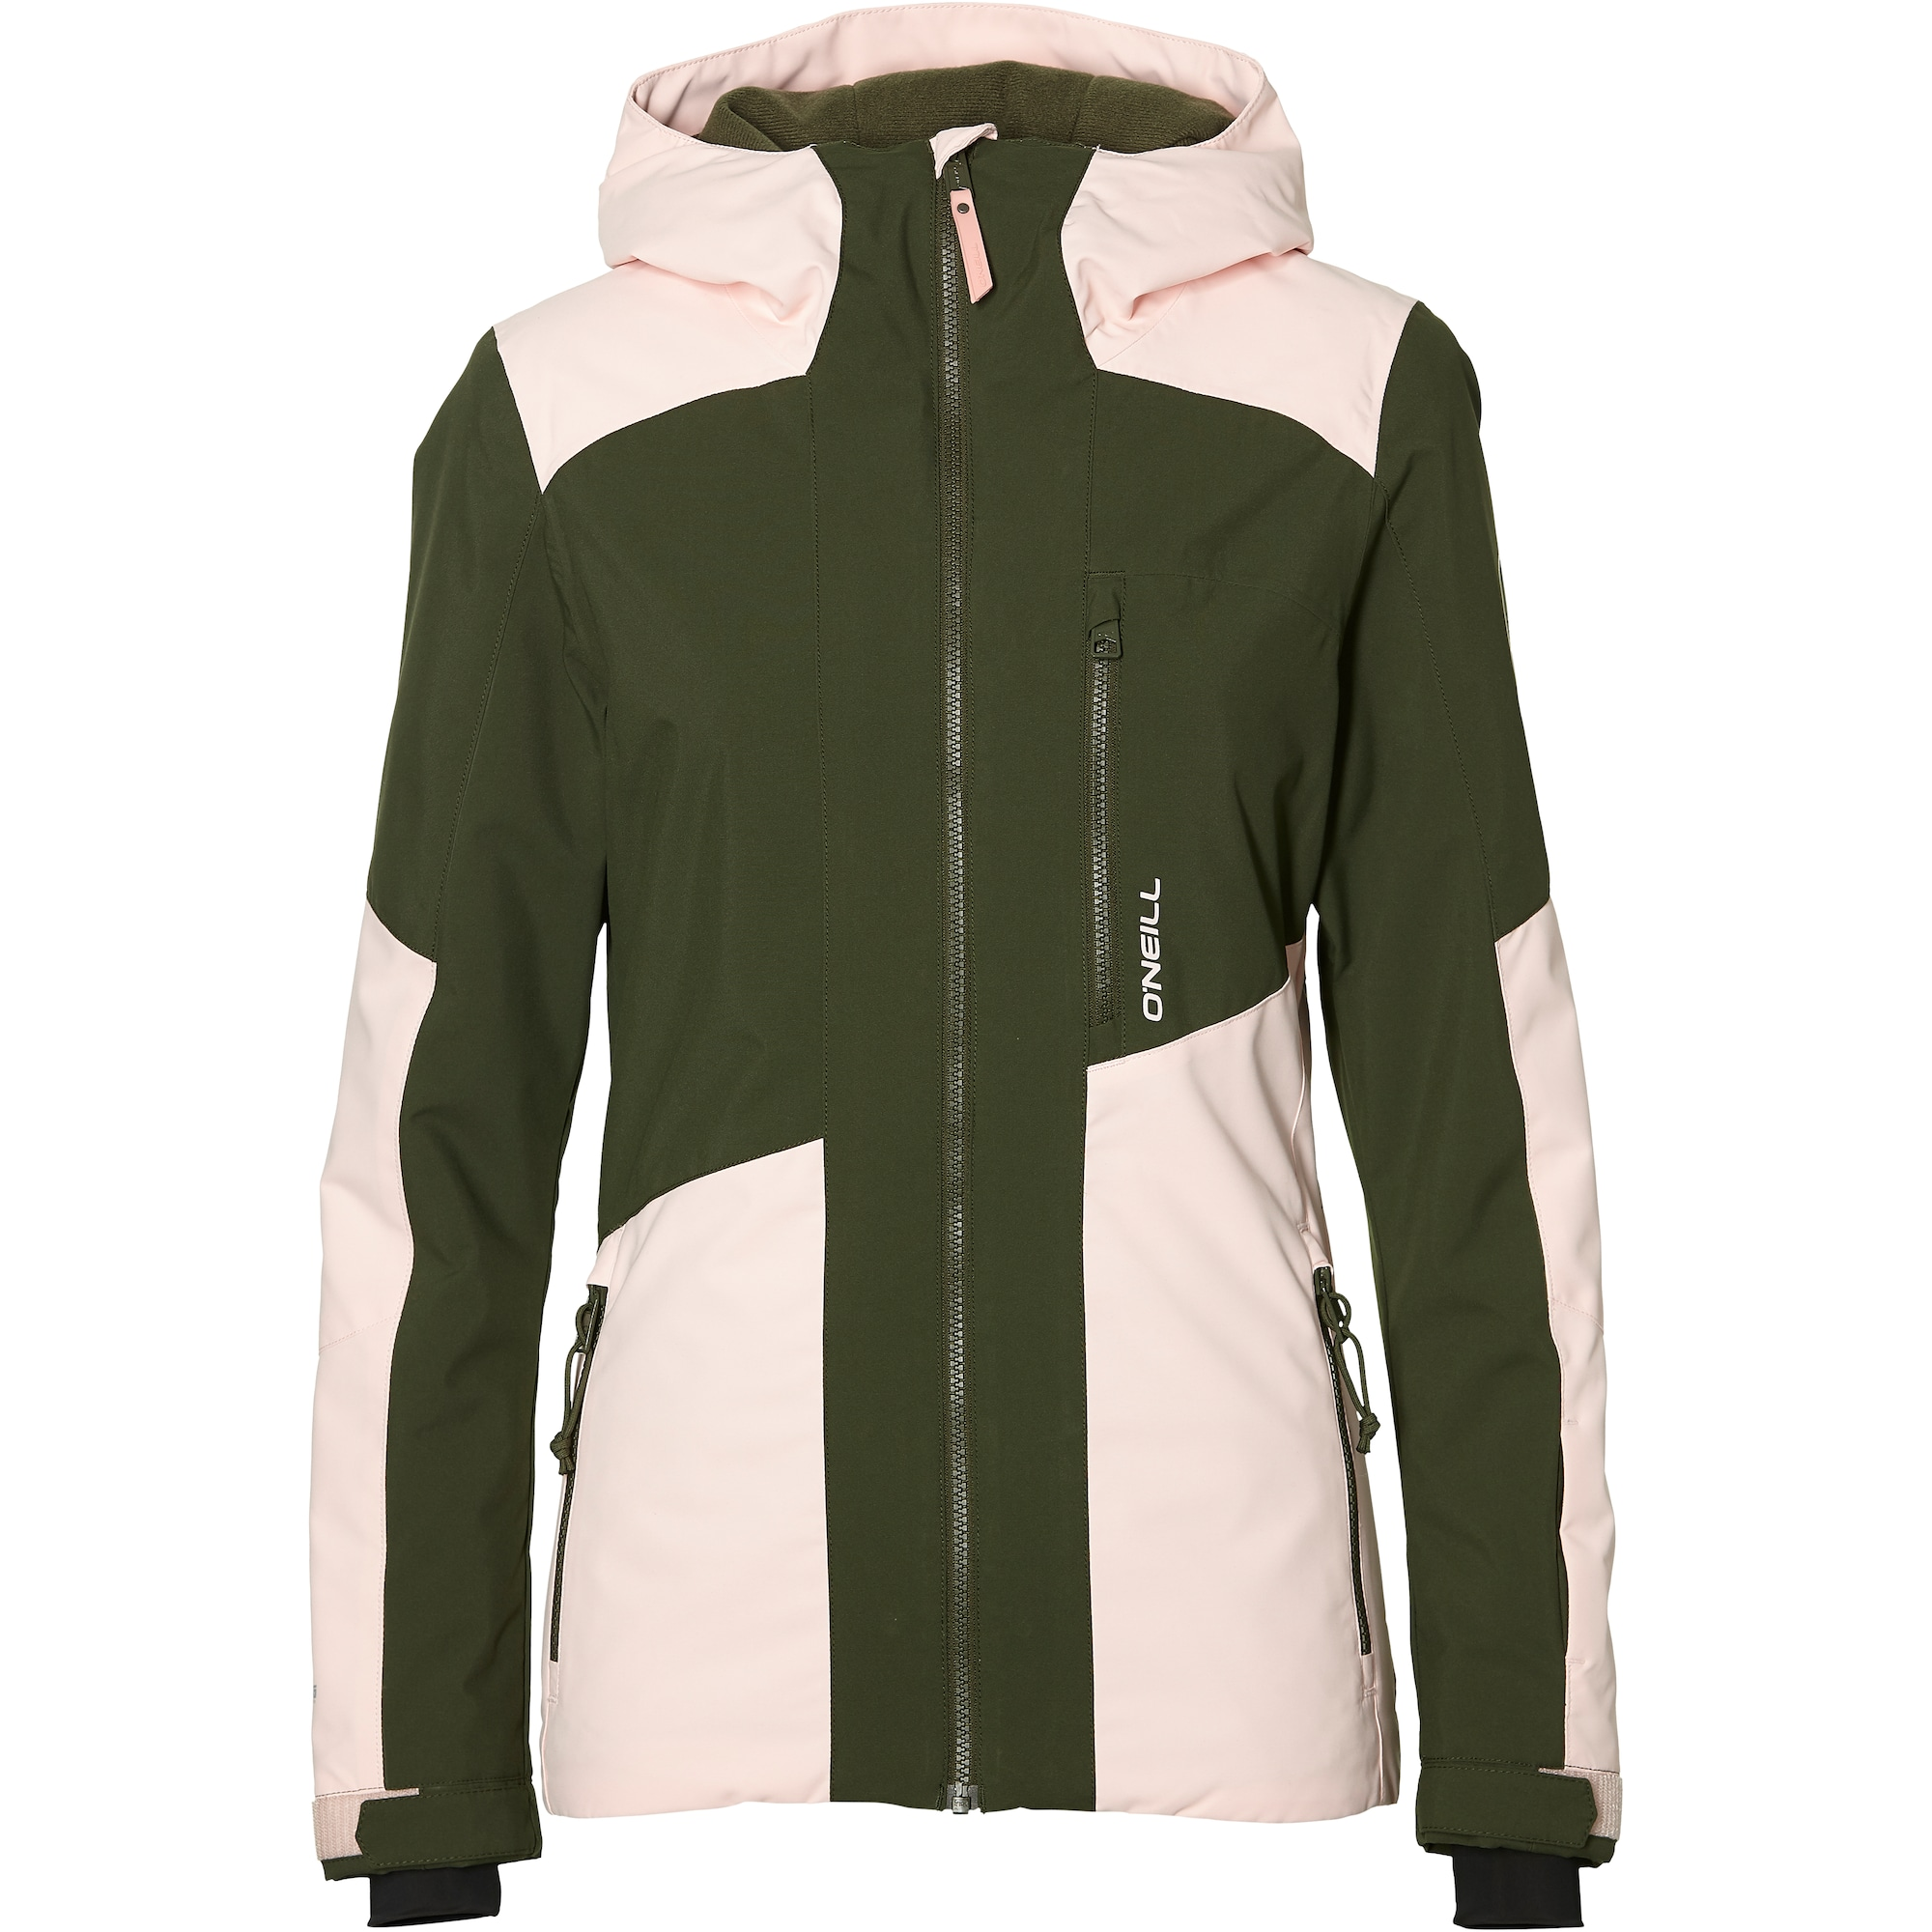 ONEILL Sportovní bunda Cascade olivová růžová O'NEILL